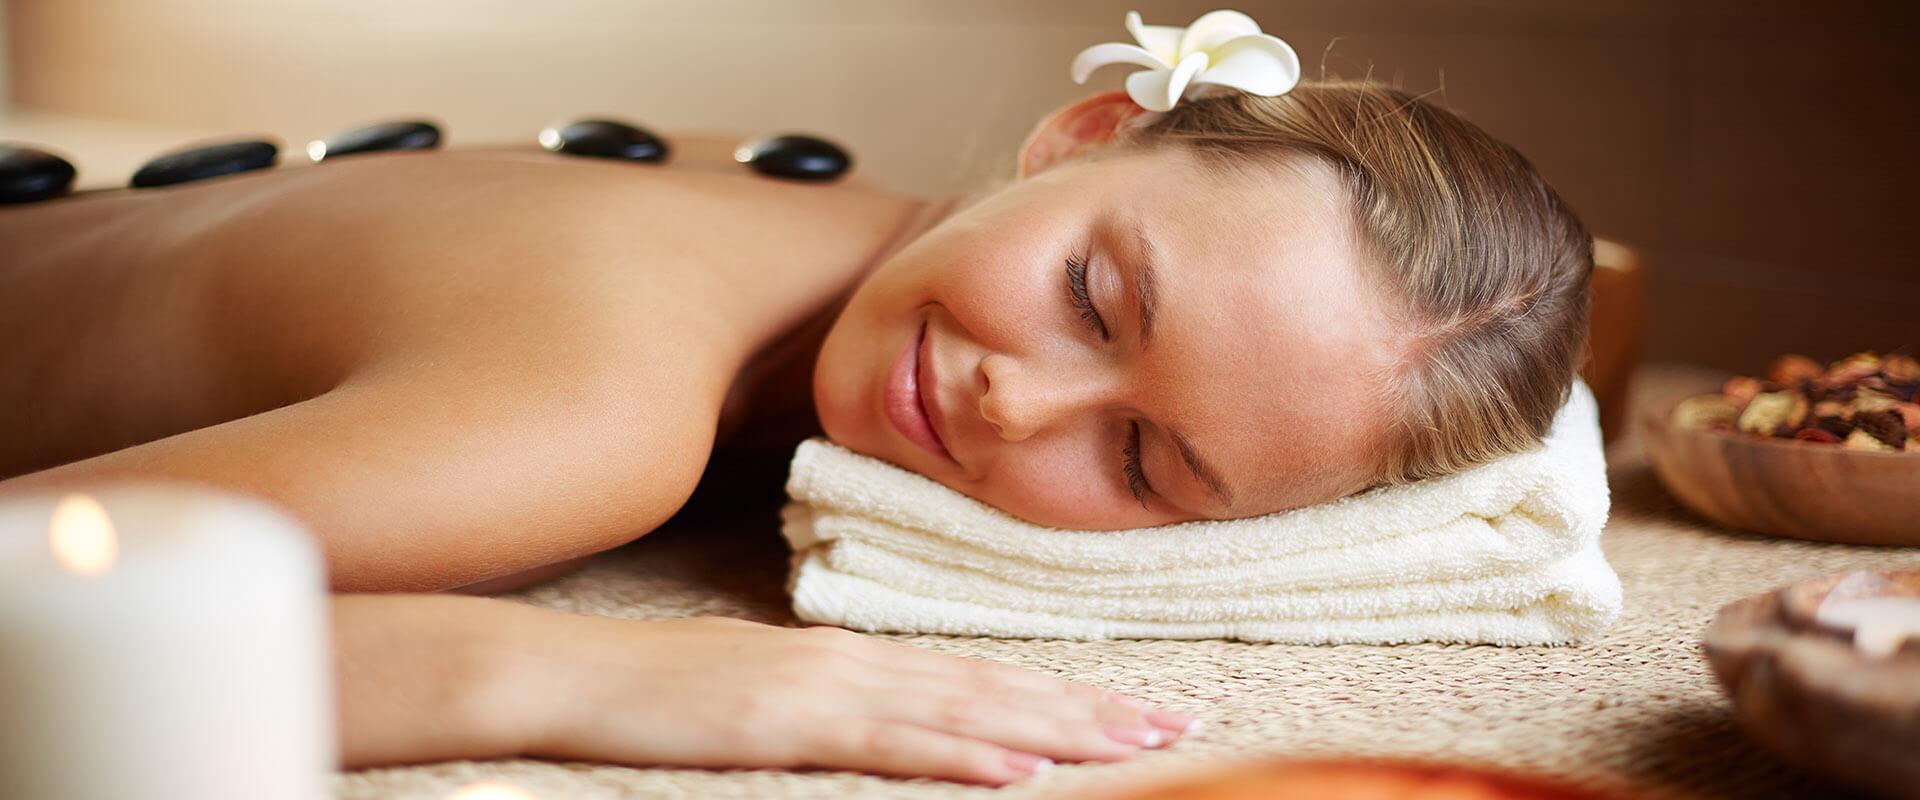 Manualna terapija in masaže Bruno Modno frizerstvo Frizerski salon Yvonne Hot stone - masaža z vročimi kamni hot stone slider